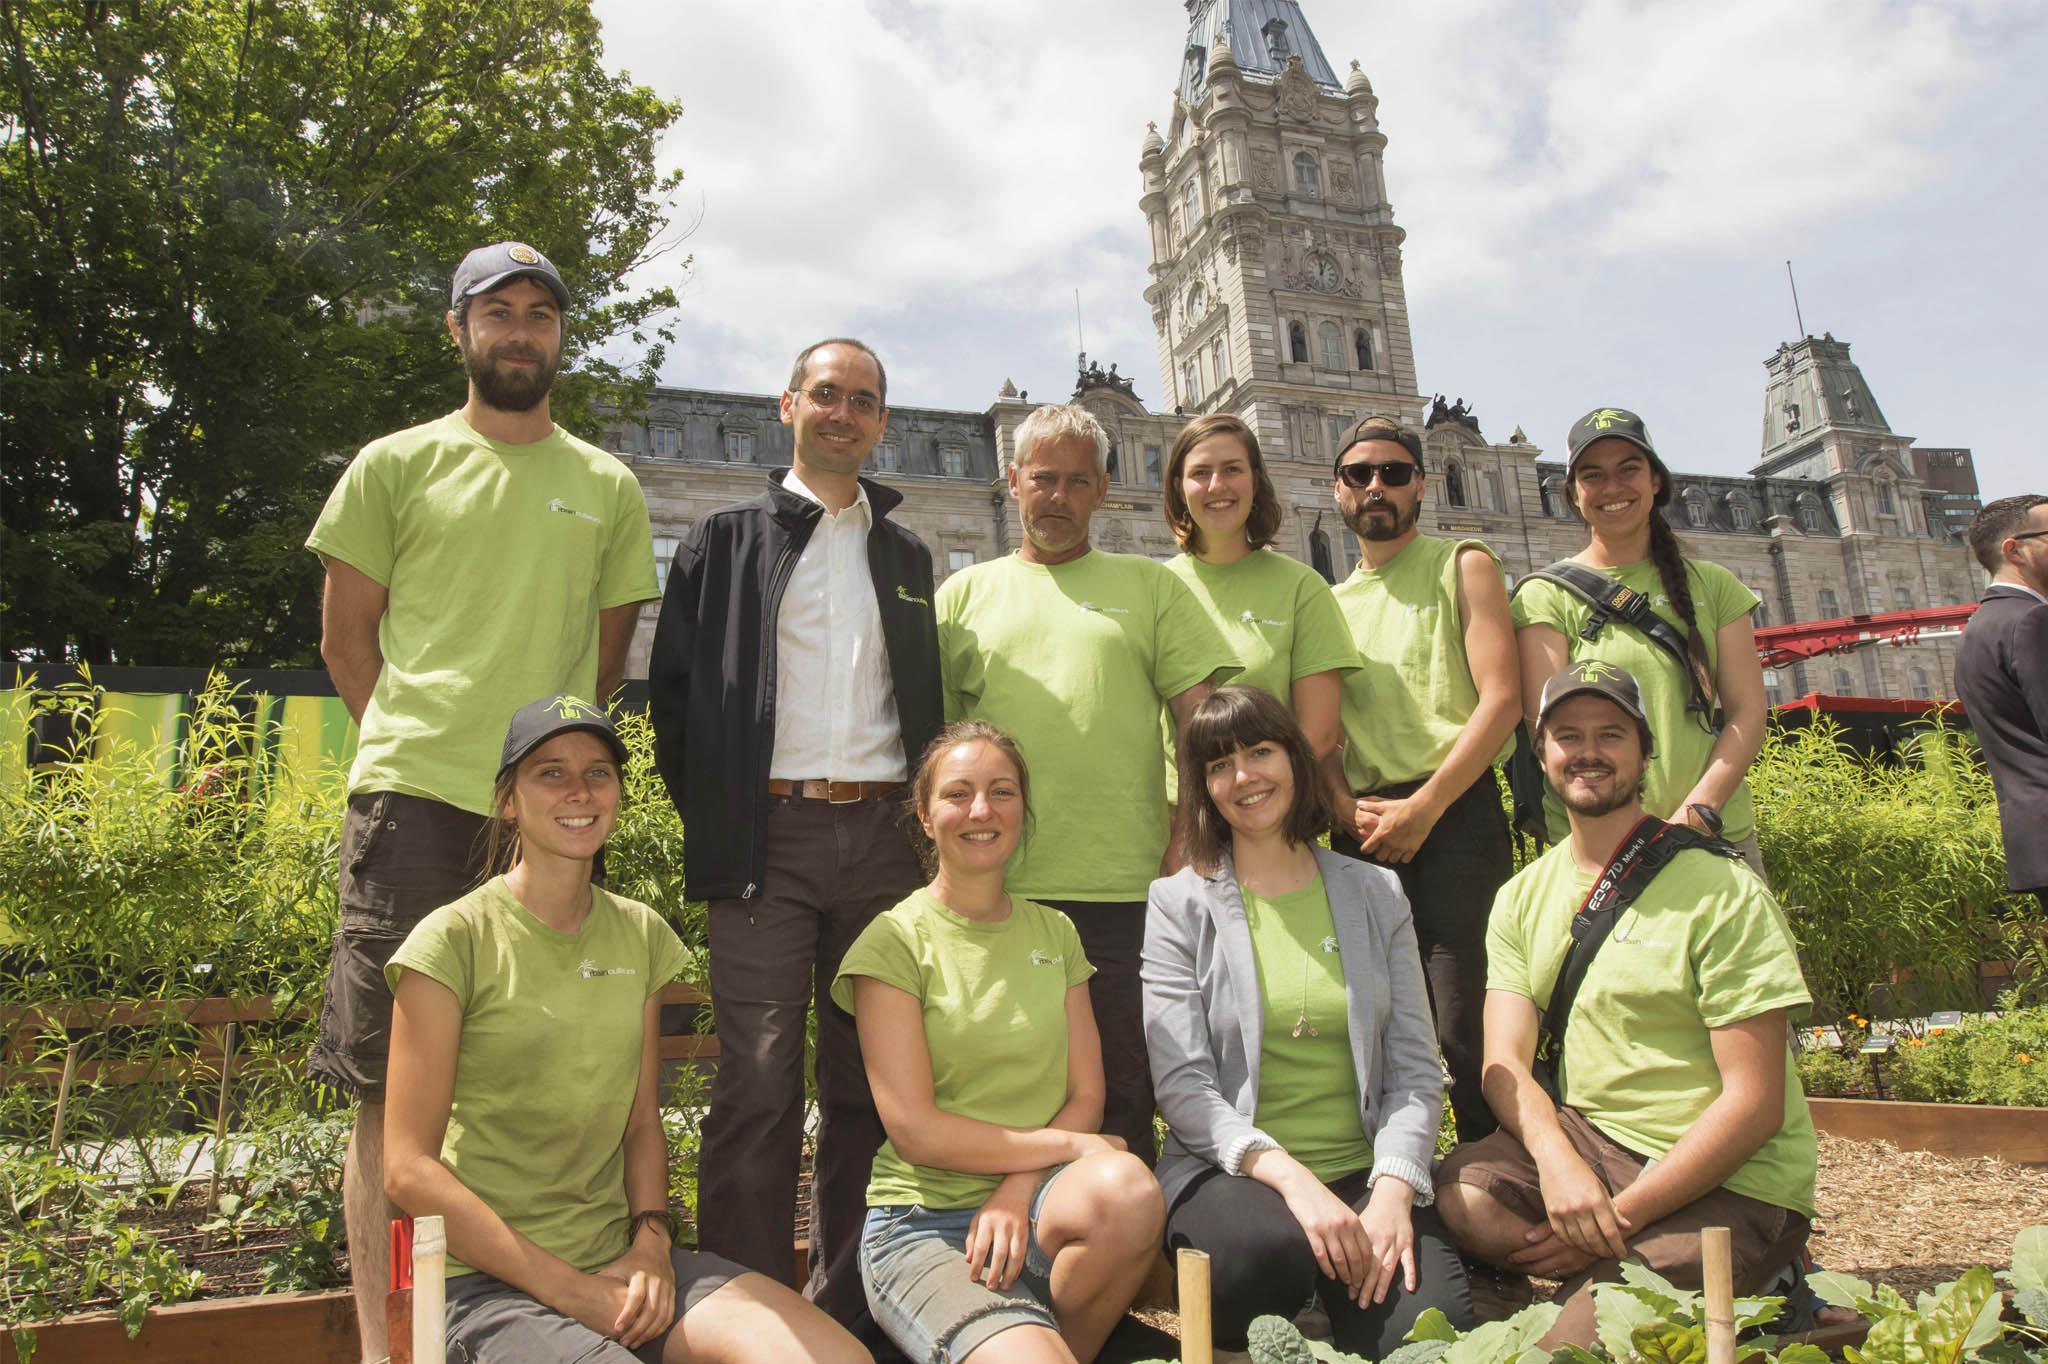 Équipe des Urbainculteurs devant l'Assemblée nationale du Québec